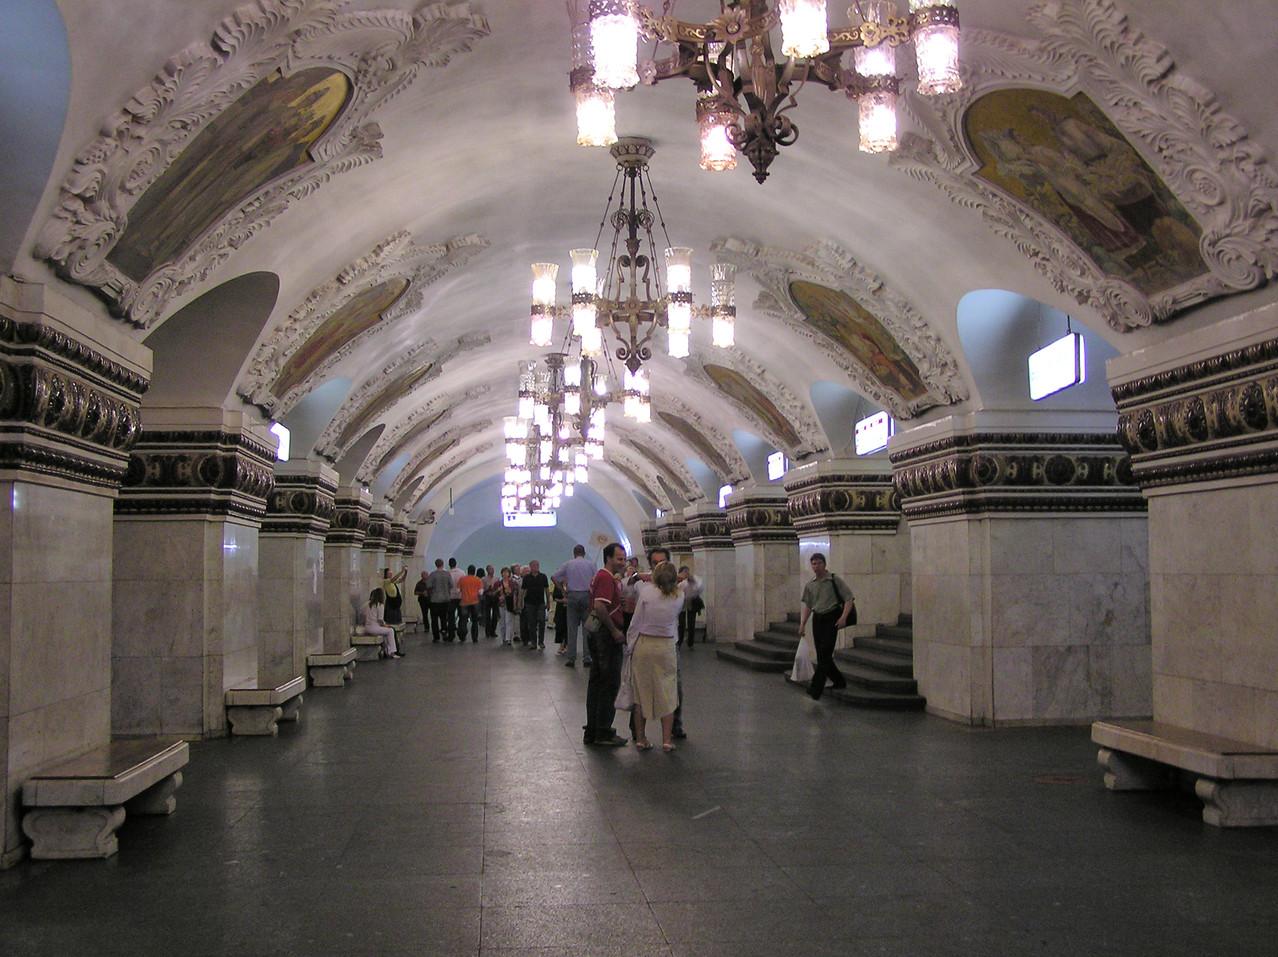 Auch im Untergrund gibt´s Paläste zu entdecken ...